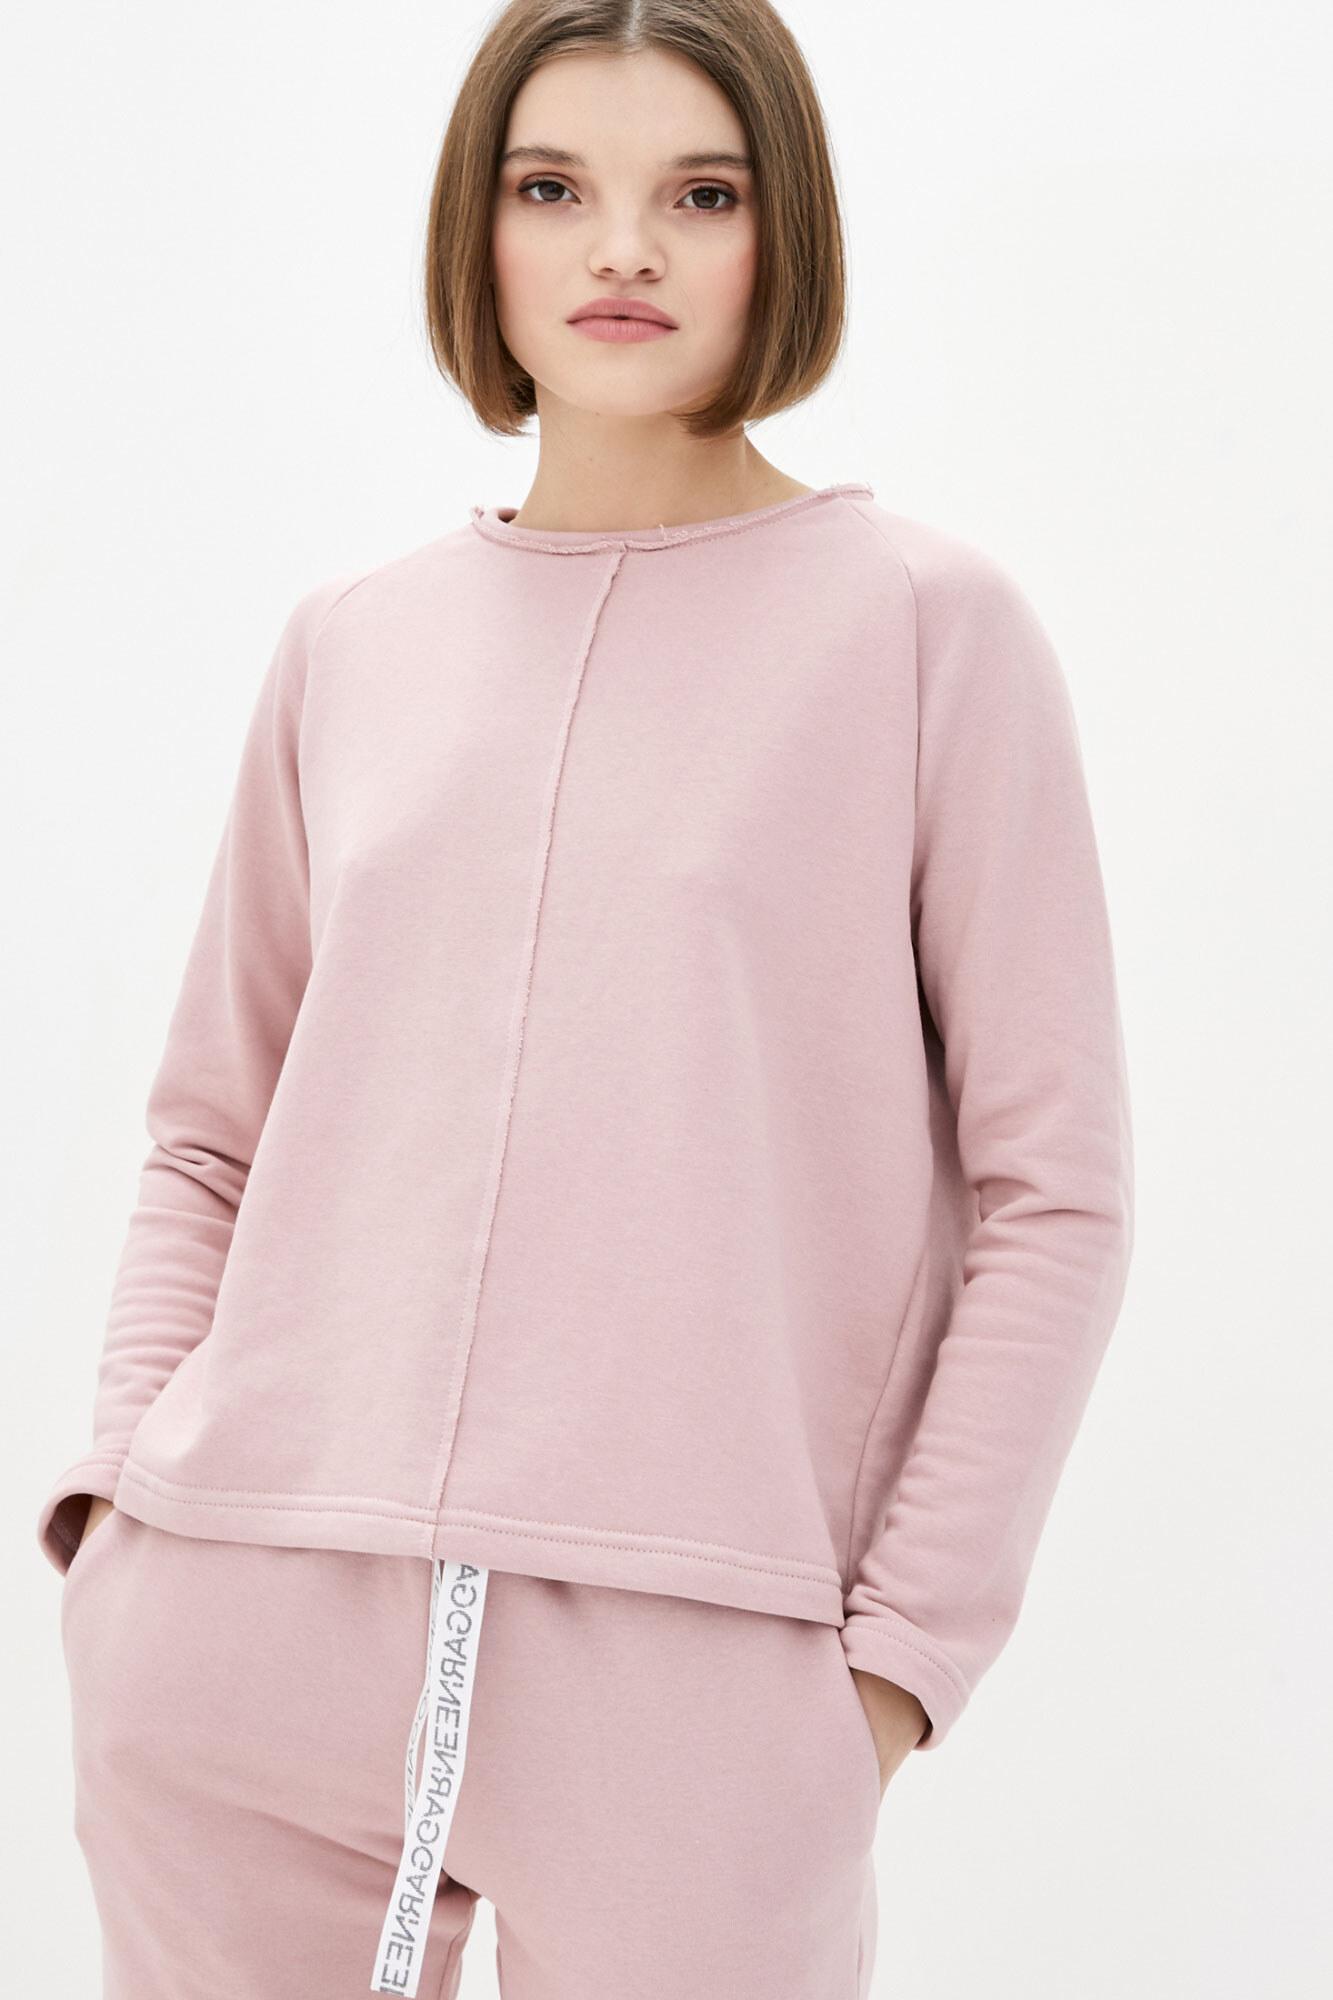 Хлопковый свитшот оверсайз розового цвета GEN